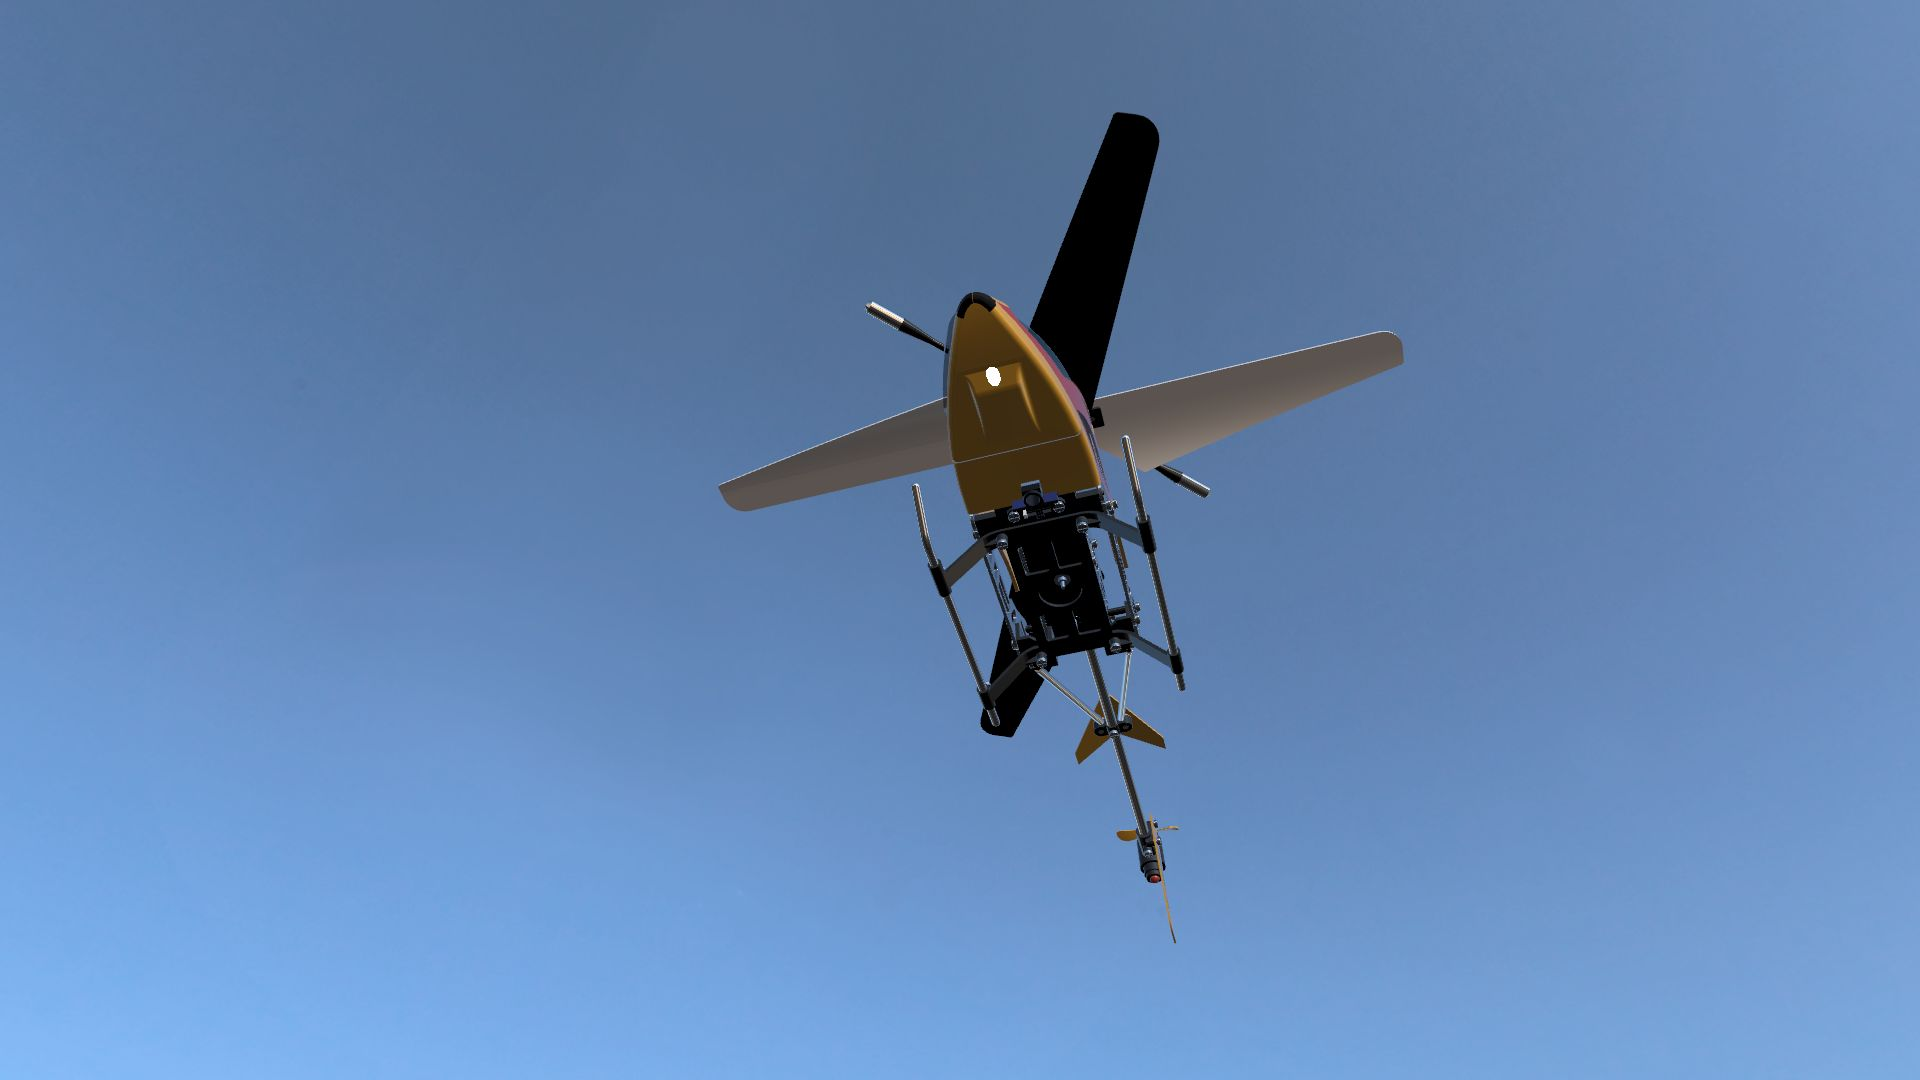 Chopper-04-3500-3500